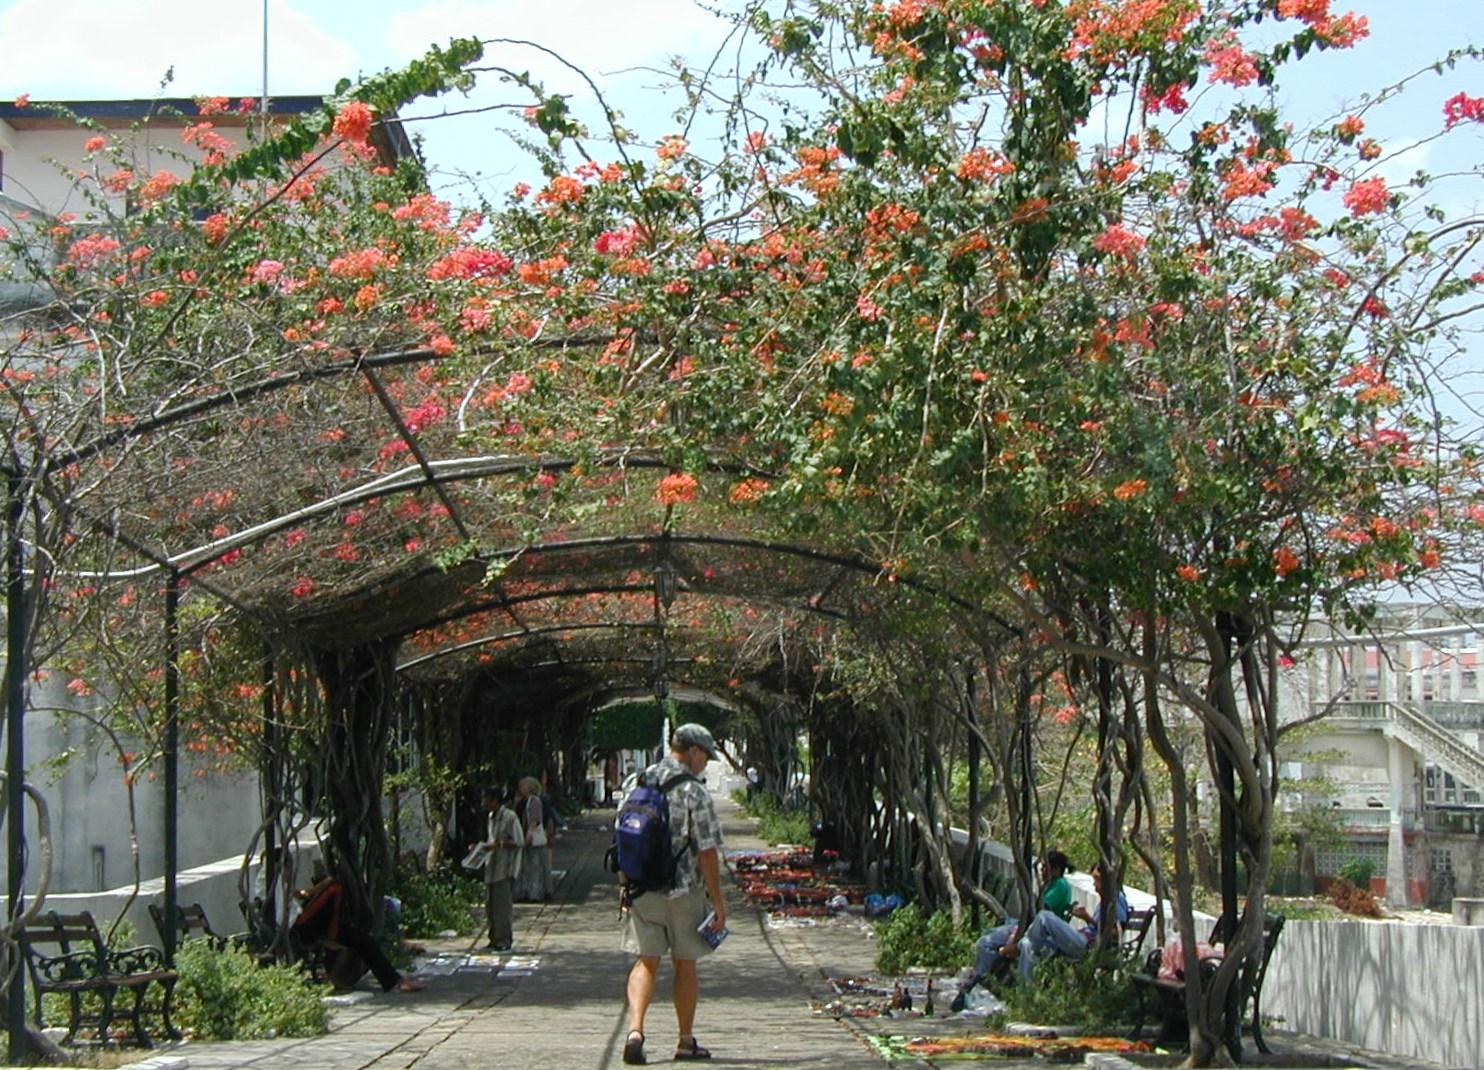 Casco-Viejo-Walkway-2004 Discovering Casco Viejo, Panama Panama Panama City